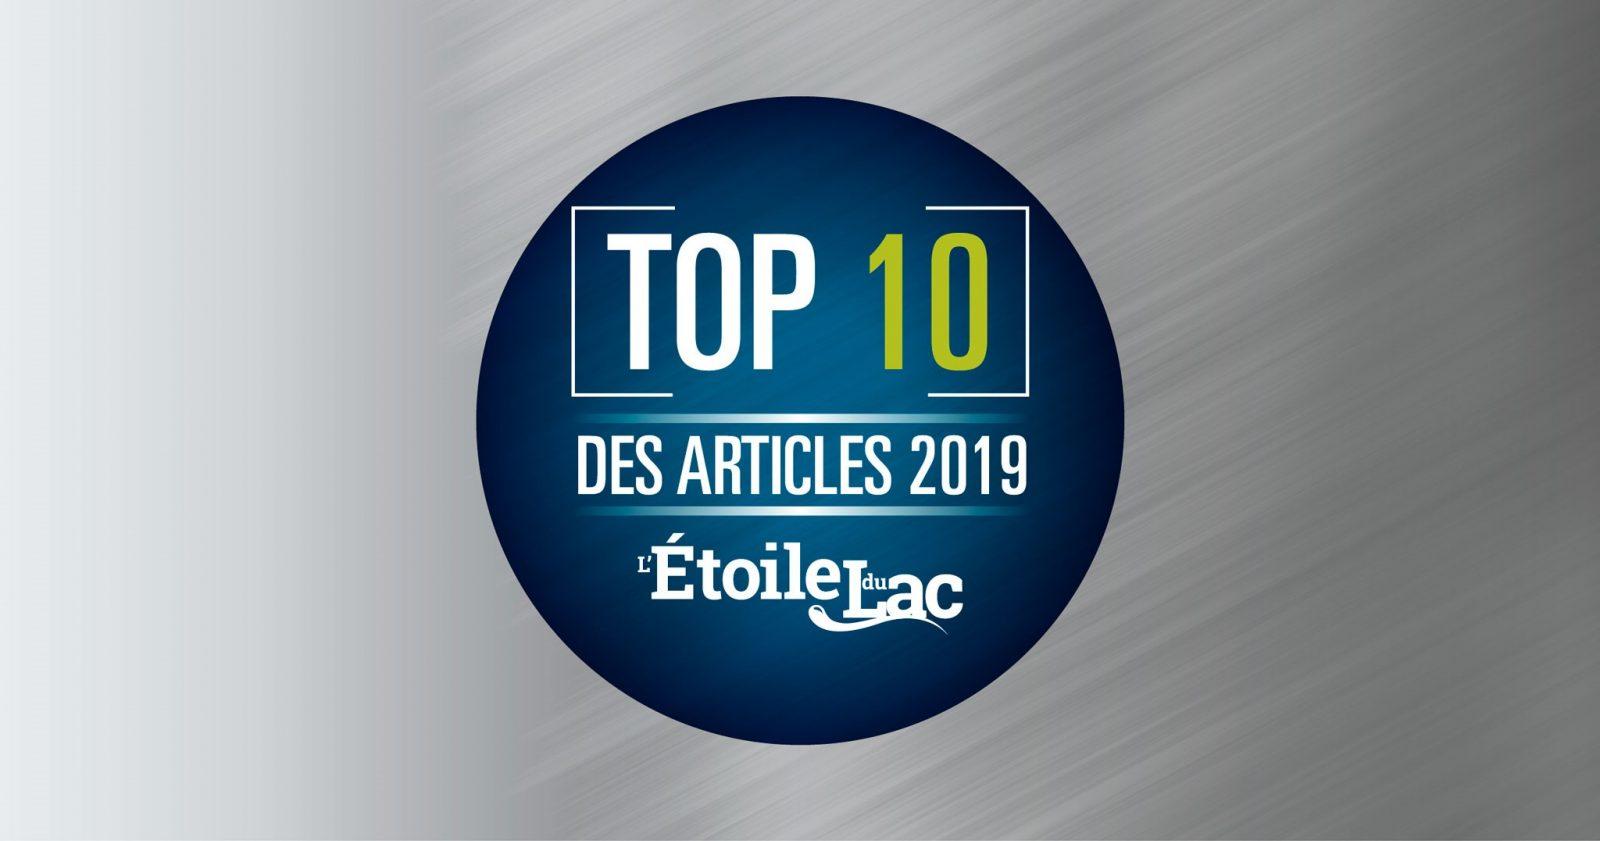 Top 10 des articles les plus lus de 2019 sur le Web